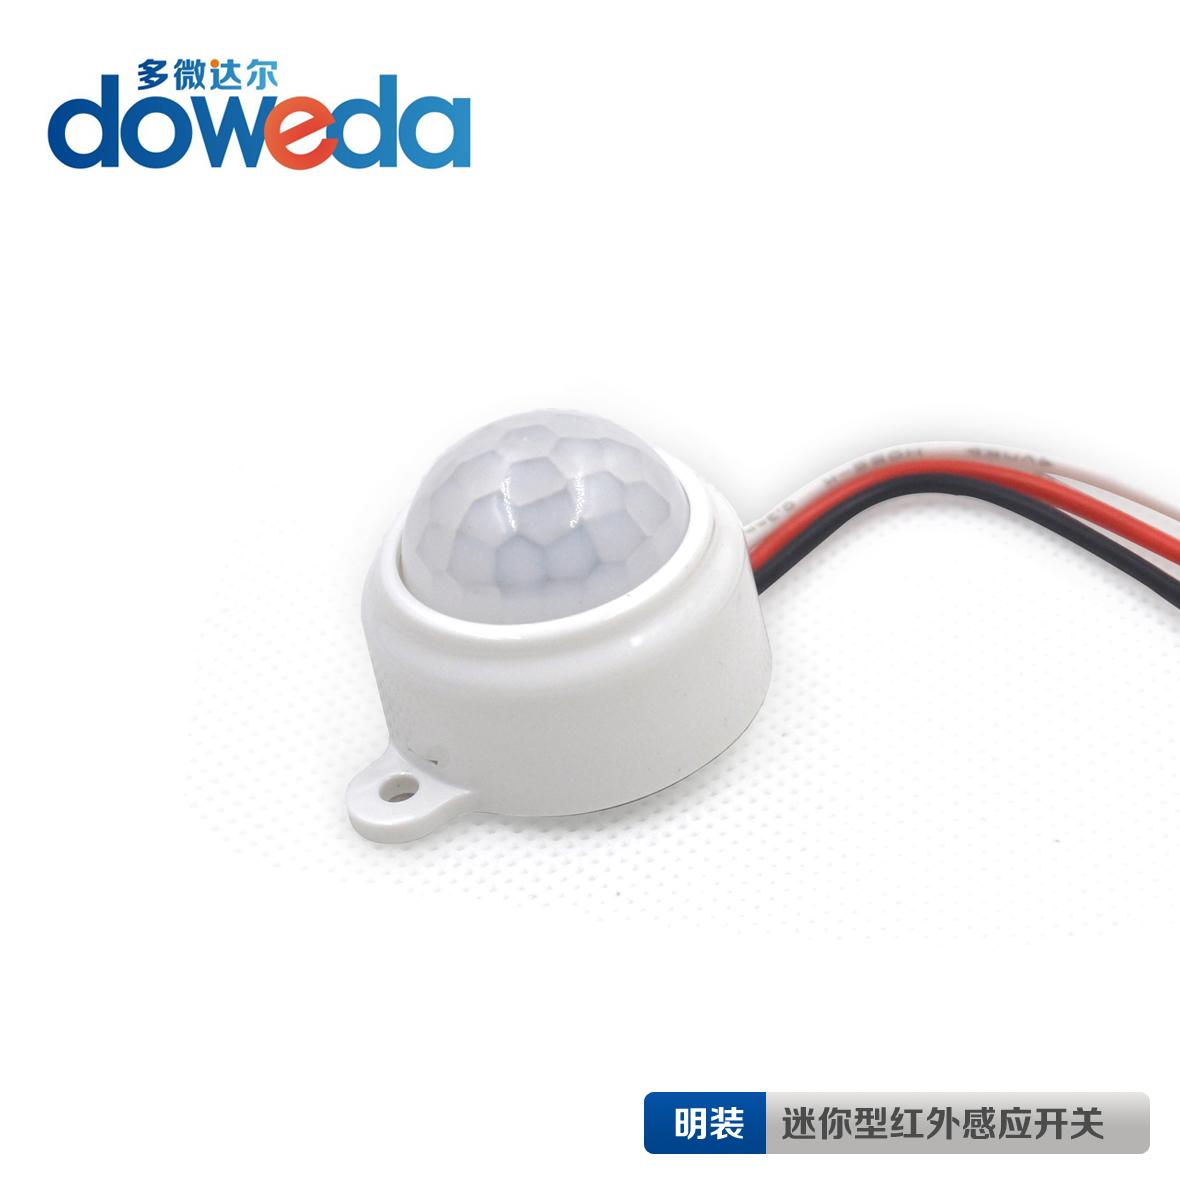 Гардероб инфракрасный датчики зонд организм индуктивный переключатель модули шкаф датчики поверхностный монтаж стиль произвольно освещение